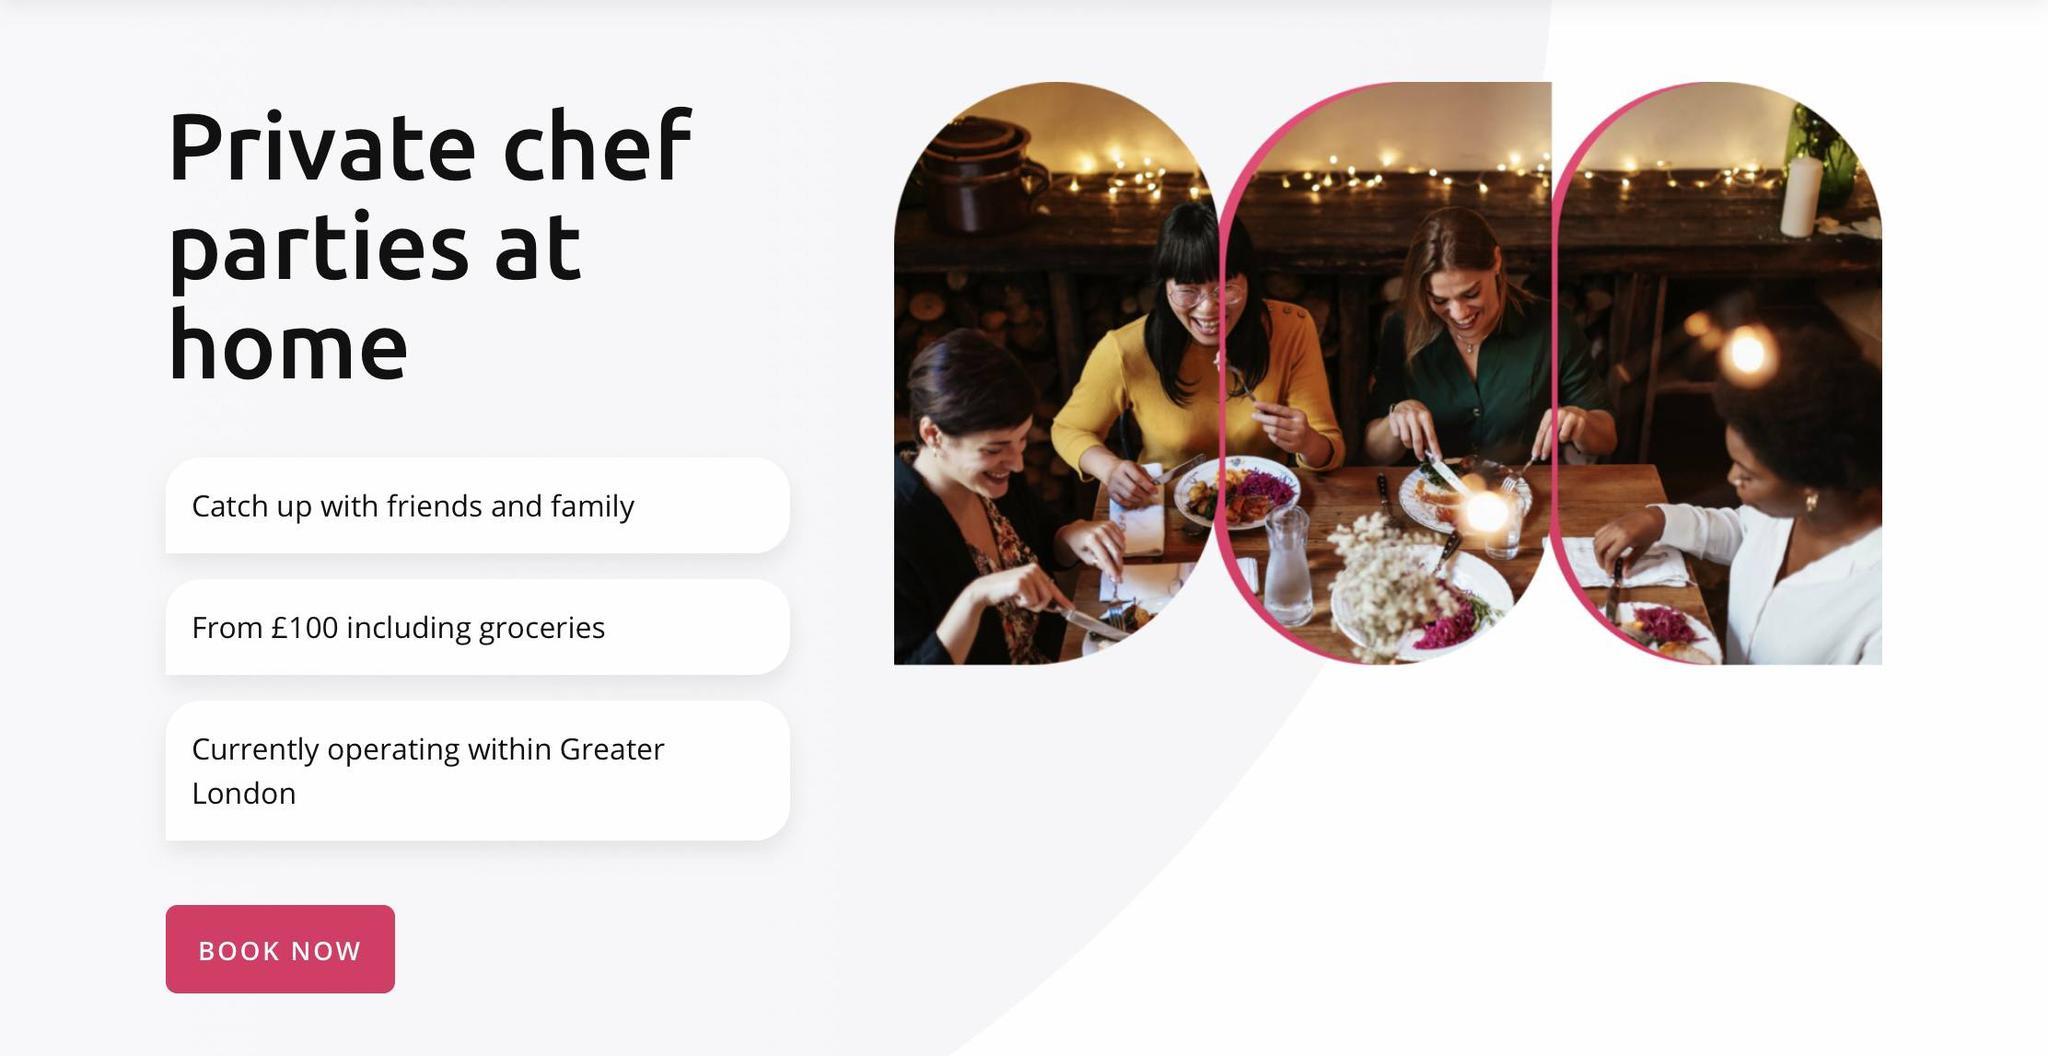 像点外卖一样定制私人厨师,伦敦初创公司Yhangry获得150万美金种子轮融资